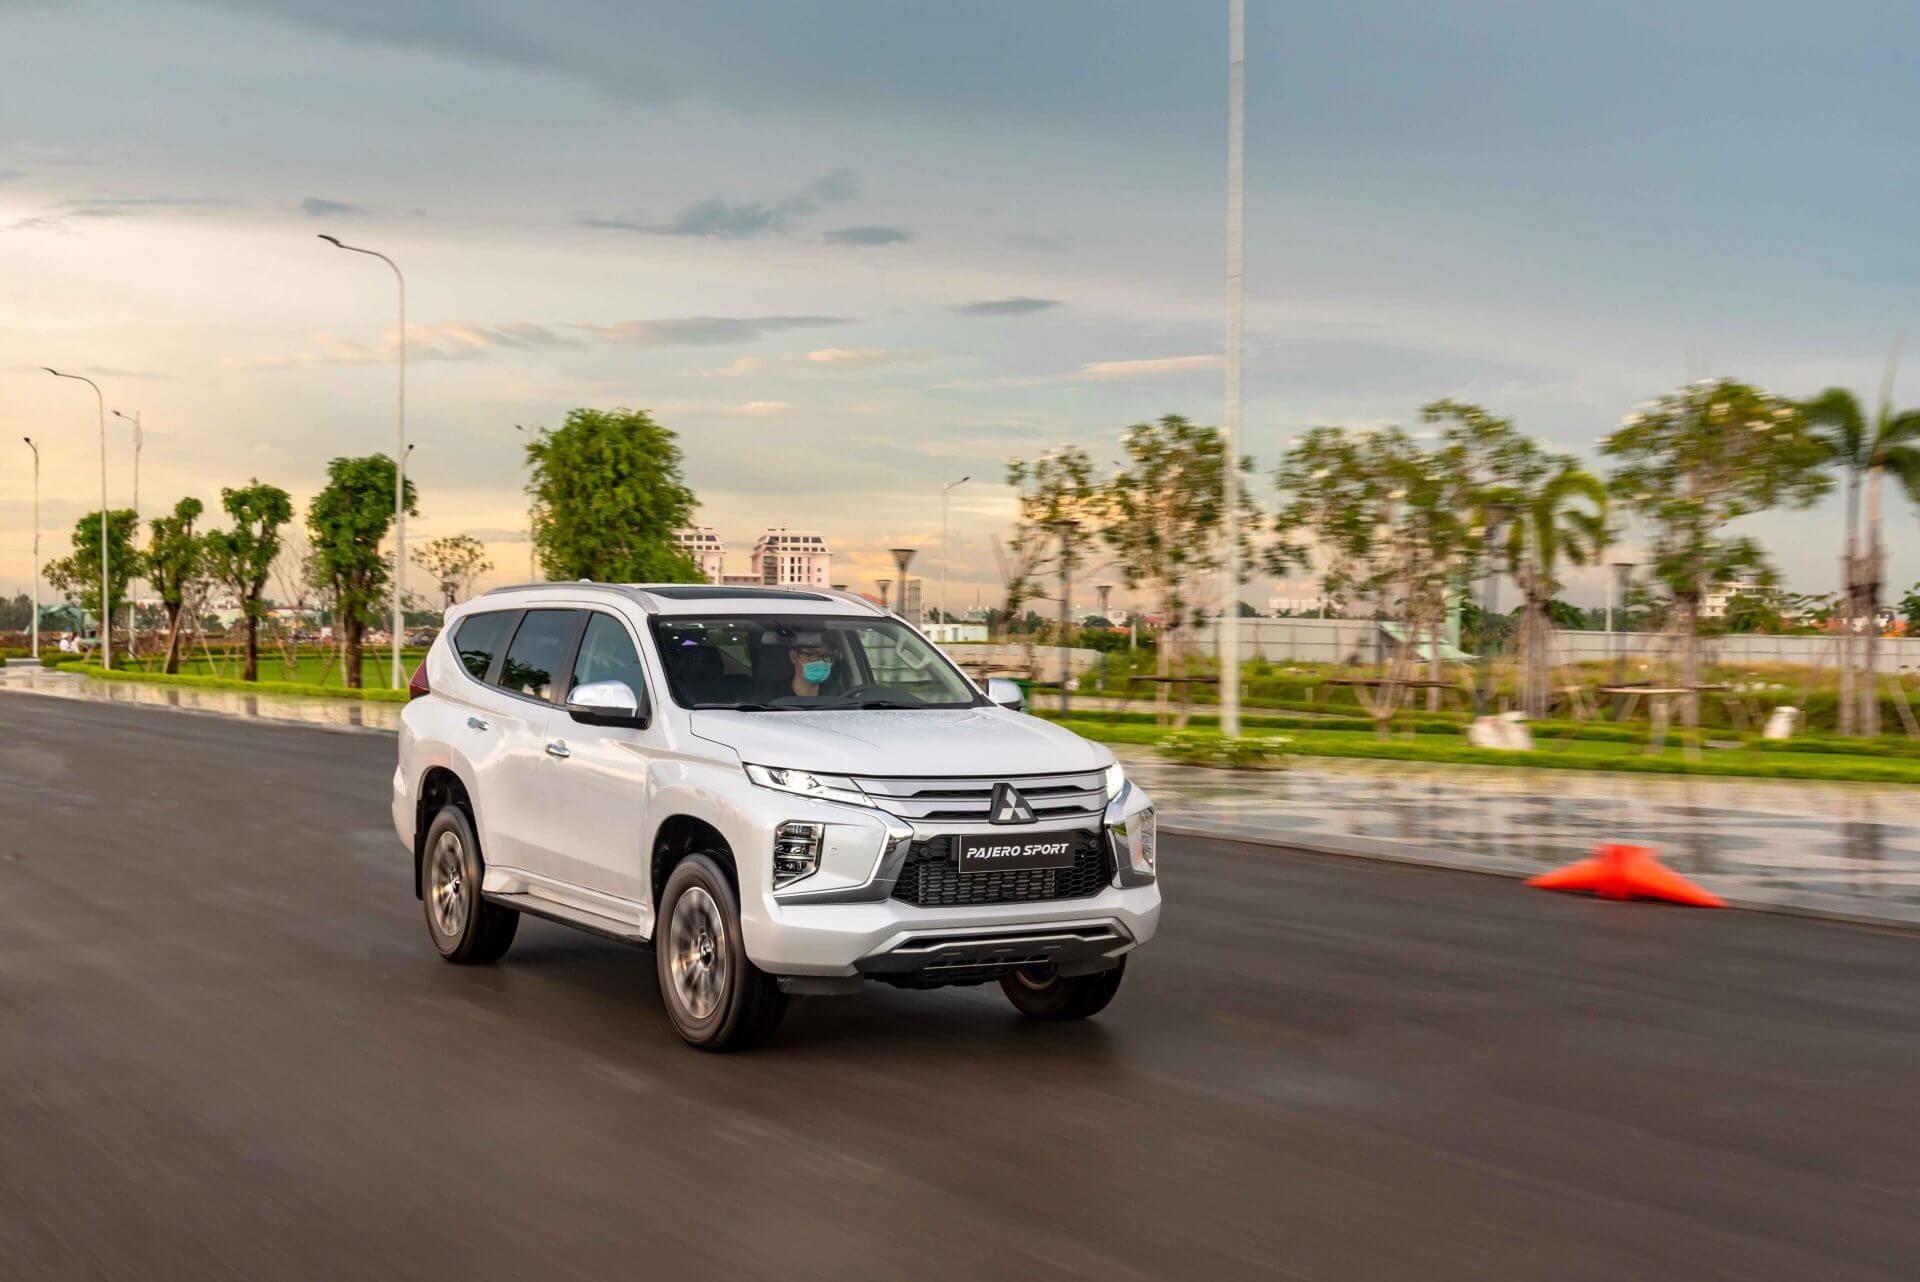 Mitsubishi pajero sport 2021 mới vận hành mạnh mẽ an toàn cao cấp tiện ích thông minh - 1